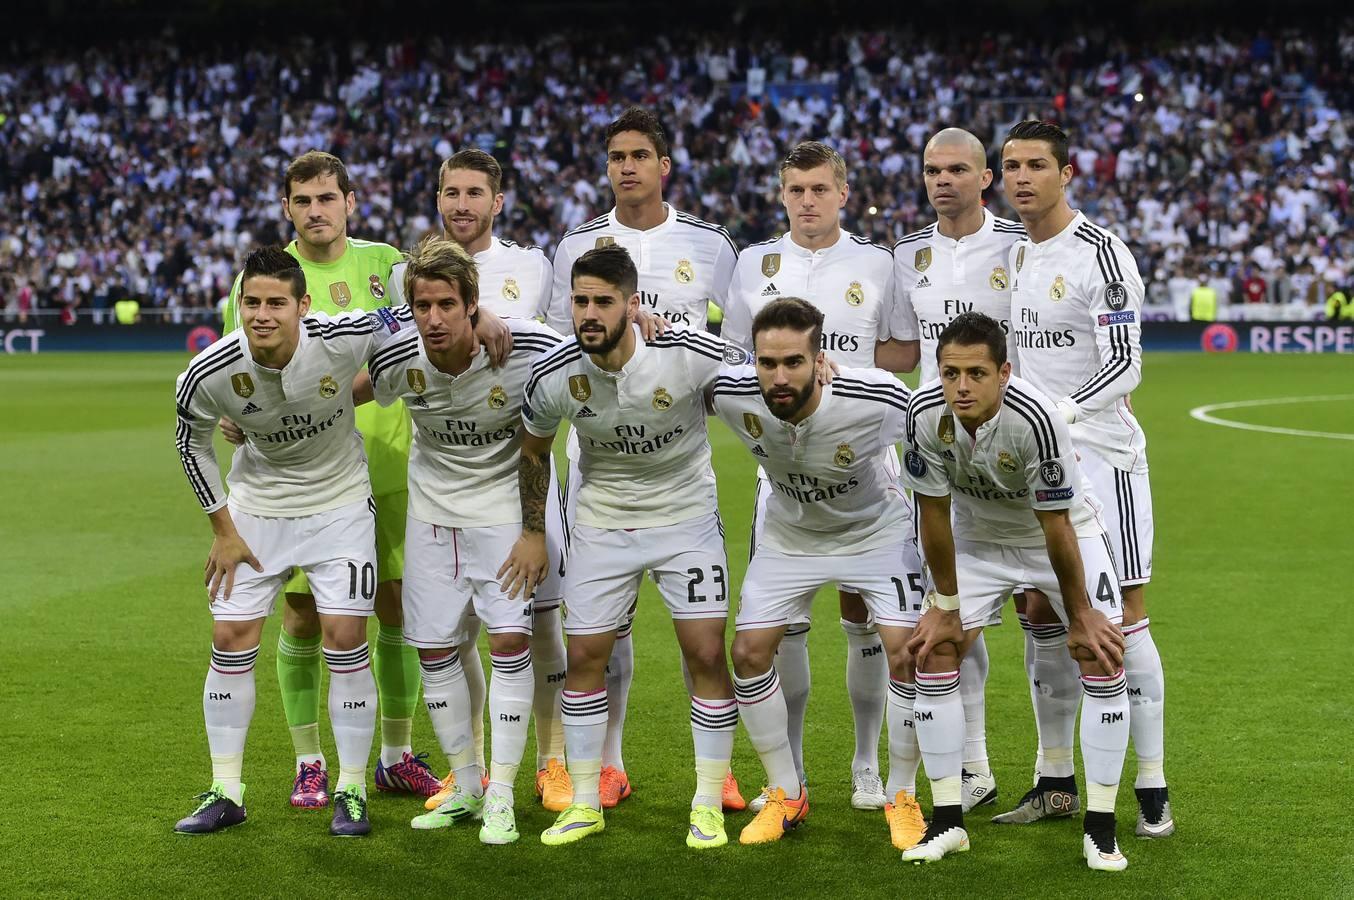 Las mejores imágenes del Real Madrid-Atlético